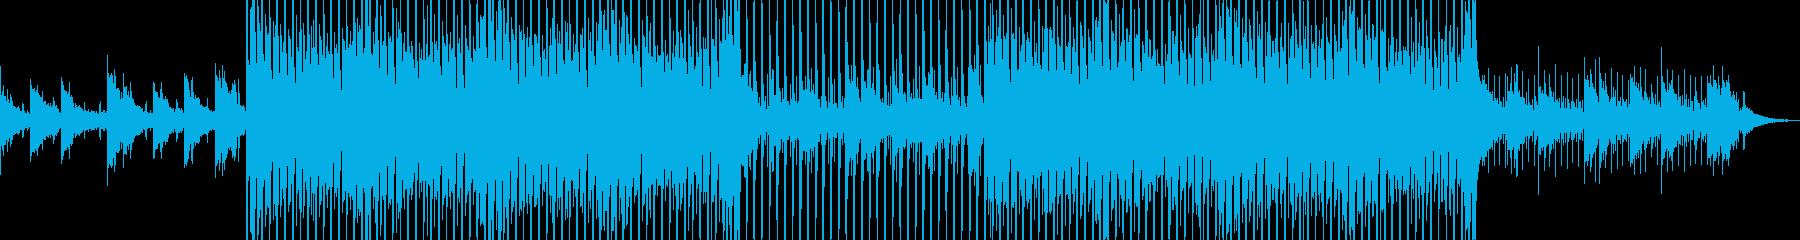 企業系 洋楽調 さわやかなコーポレート系の再生済みの波形